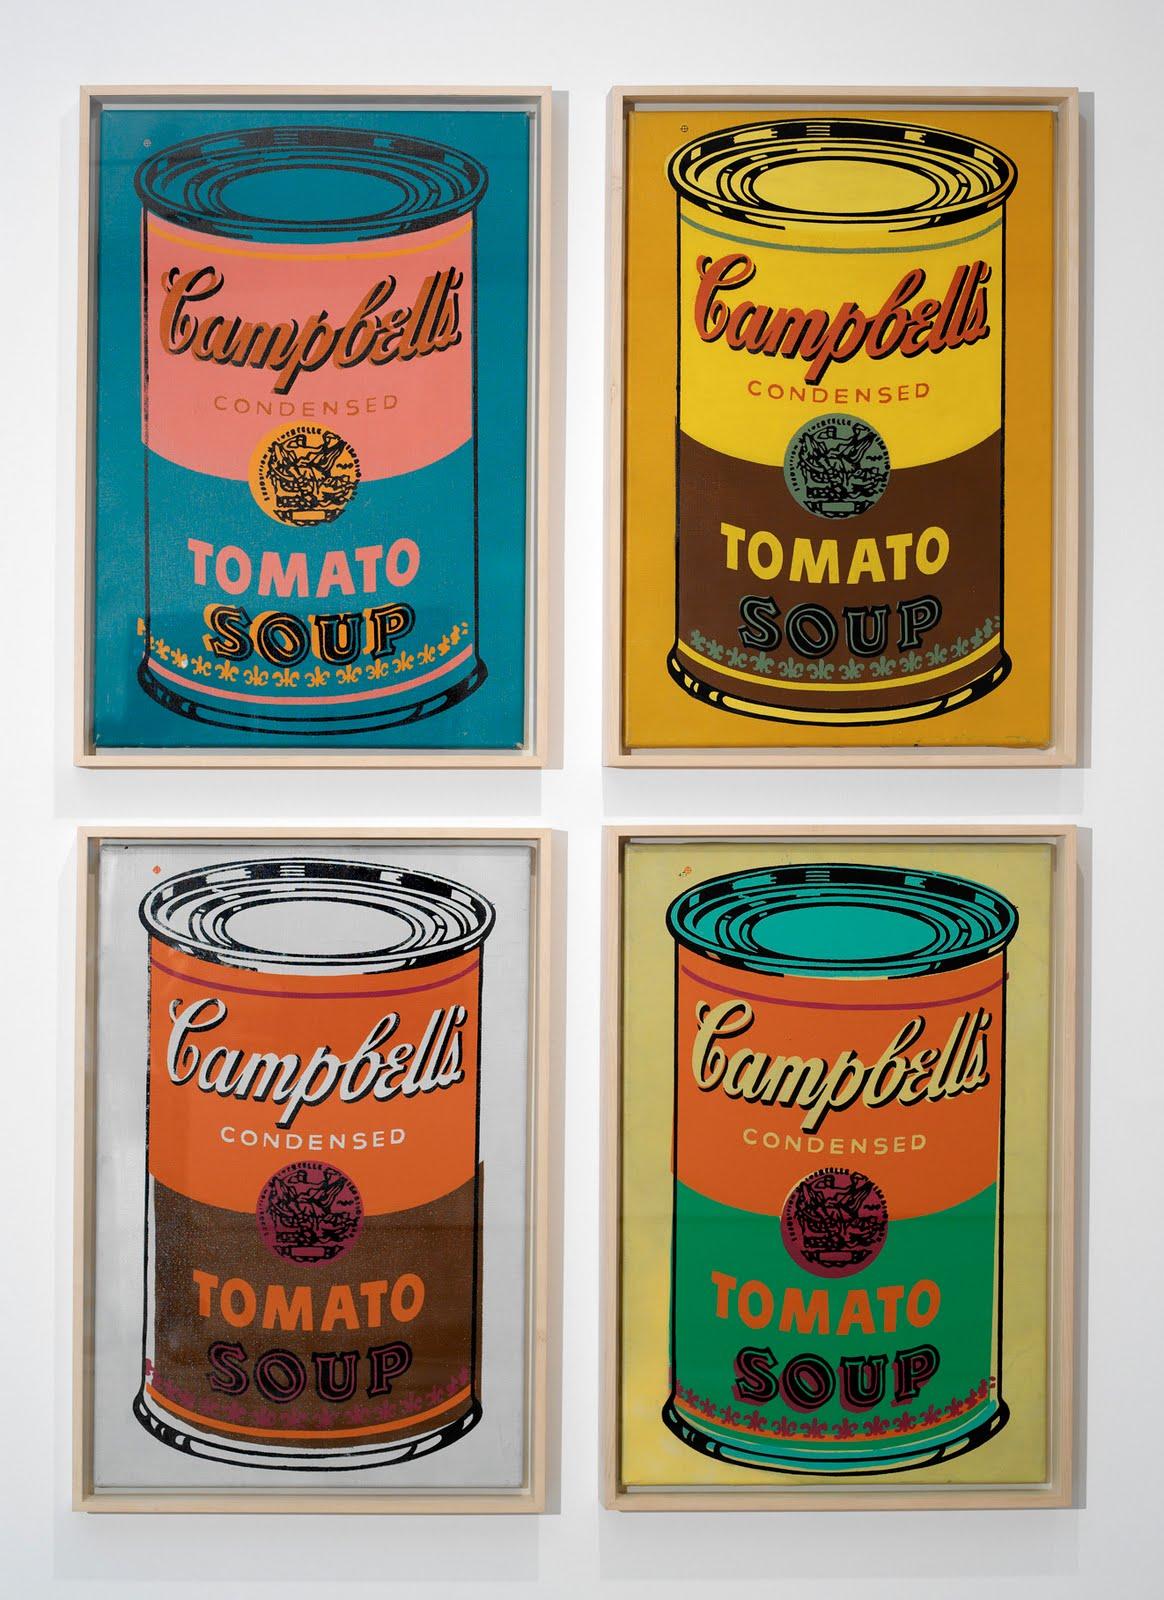 http://2.bp.blogspot.com/_oc_G4I9E41o/TCFcXoZo9mI/AAAAAAAAAQg/5Em3EsDJCGo/s1600/18_warhol_-_four_colored_campbells_soup_can.jpeg